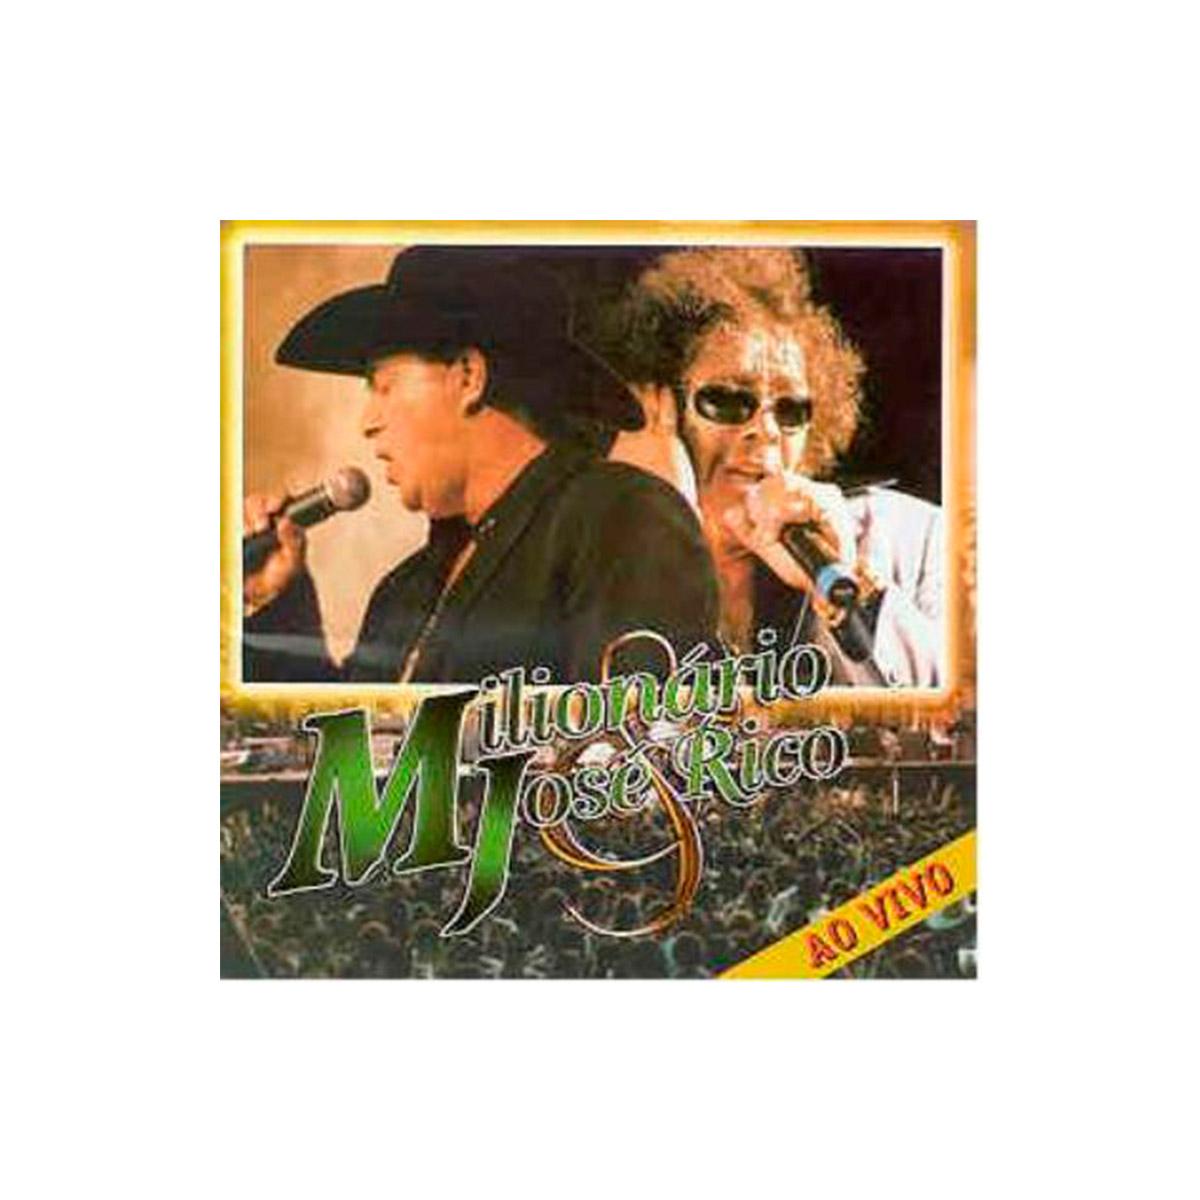 CD Milionário & José Rico Ao Vivo 1999 Volume 24